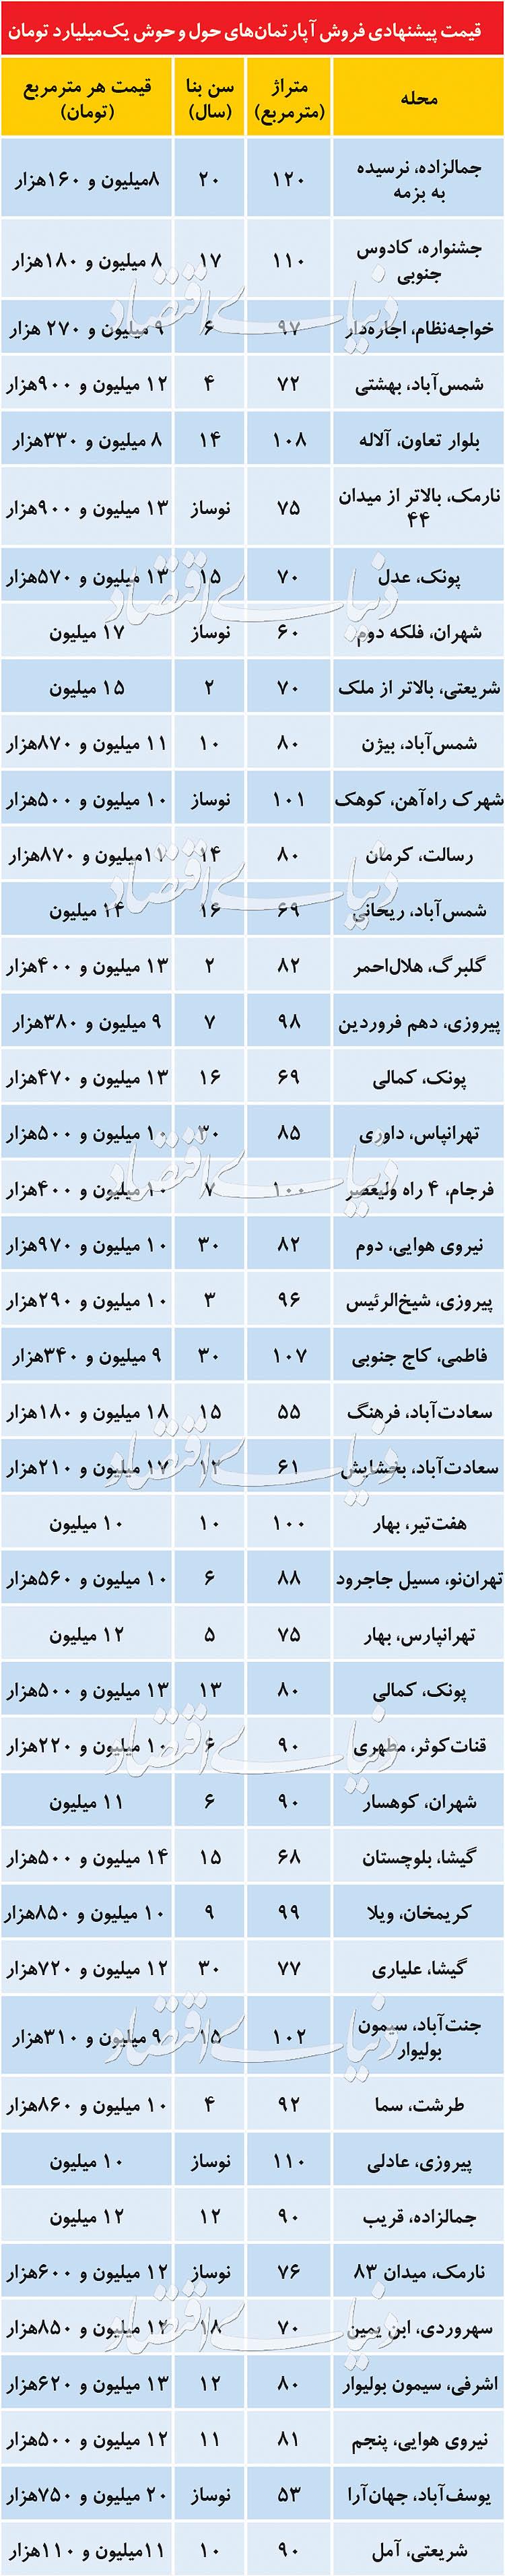 قیمت متعارف آپارتمانهای میانمتراژ در تهران